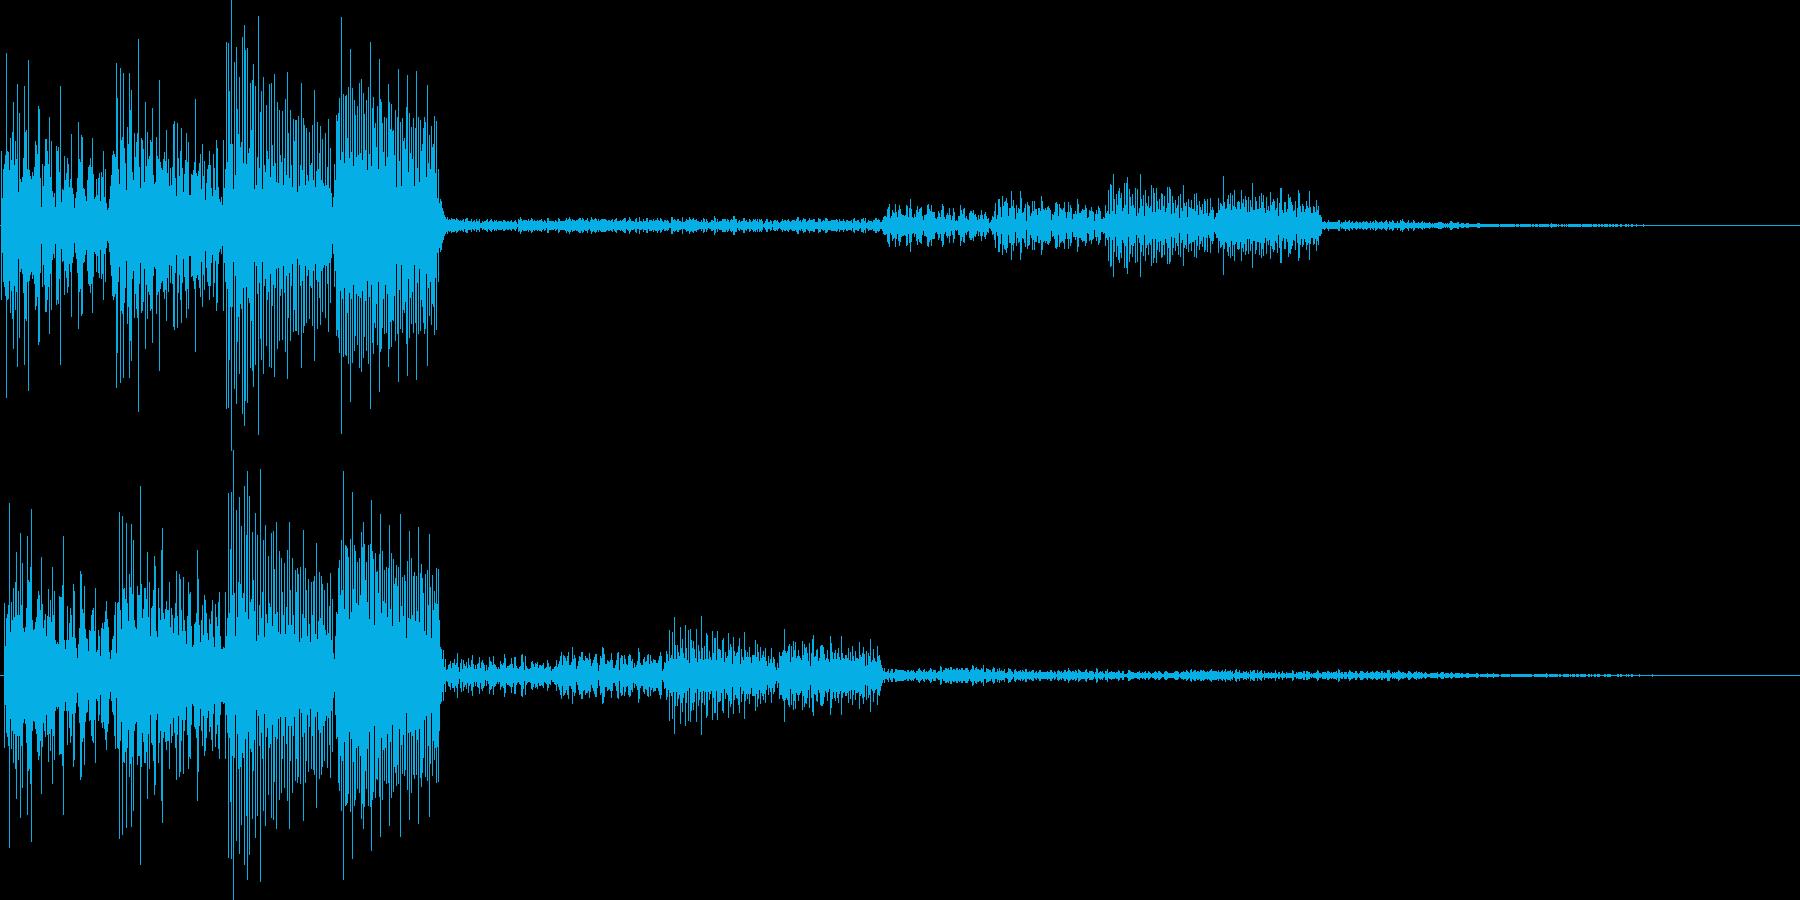 テロロロン(ミス、キャンセル、アイテム)の再生済みの波形